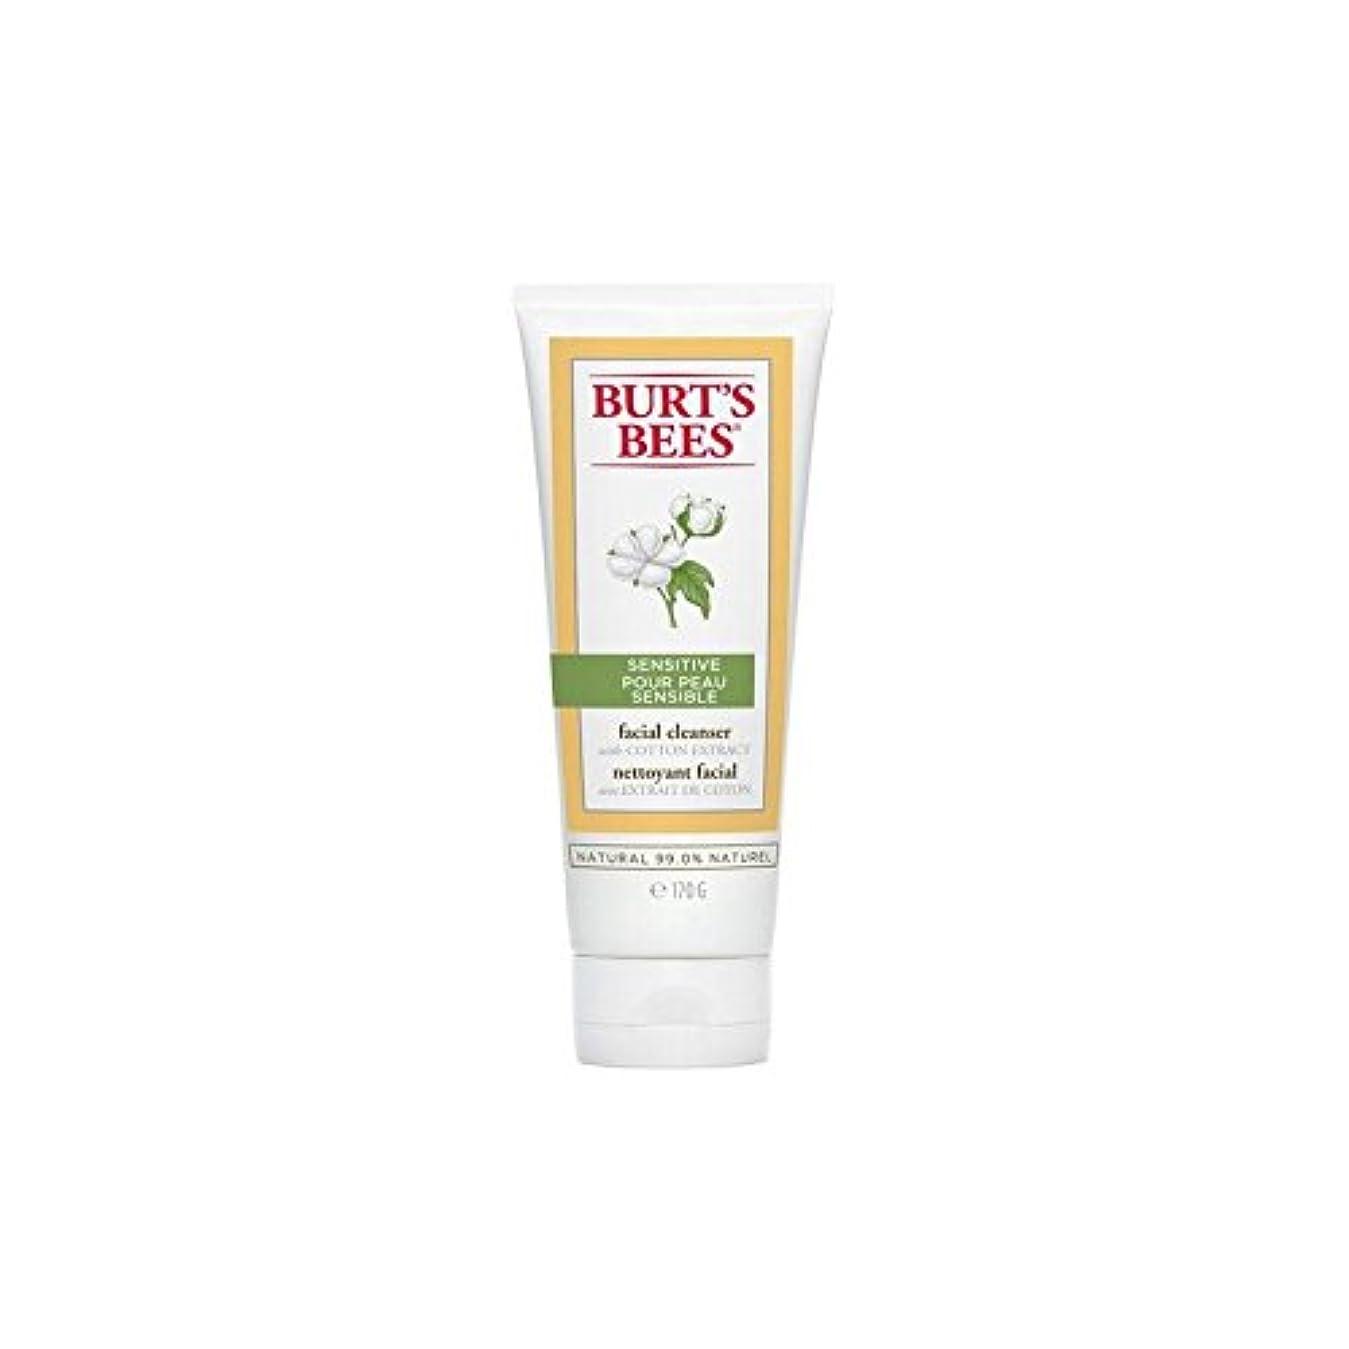 娘閉塞火炎バーツビー敏感な洗顔料の170グラム x4 - Burt's Bees Sensitive Facial Cleanser 170G (Pack of 4) [並行輸入品]